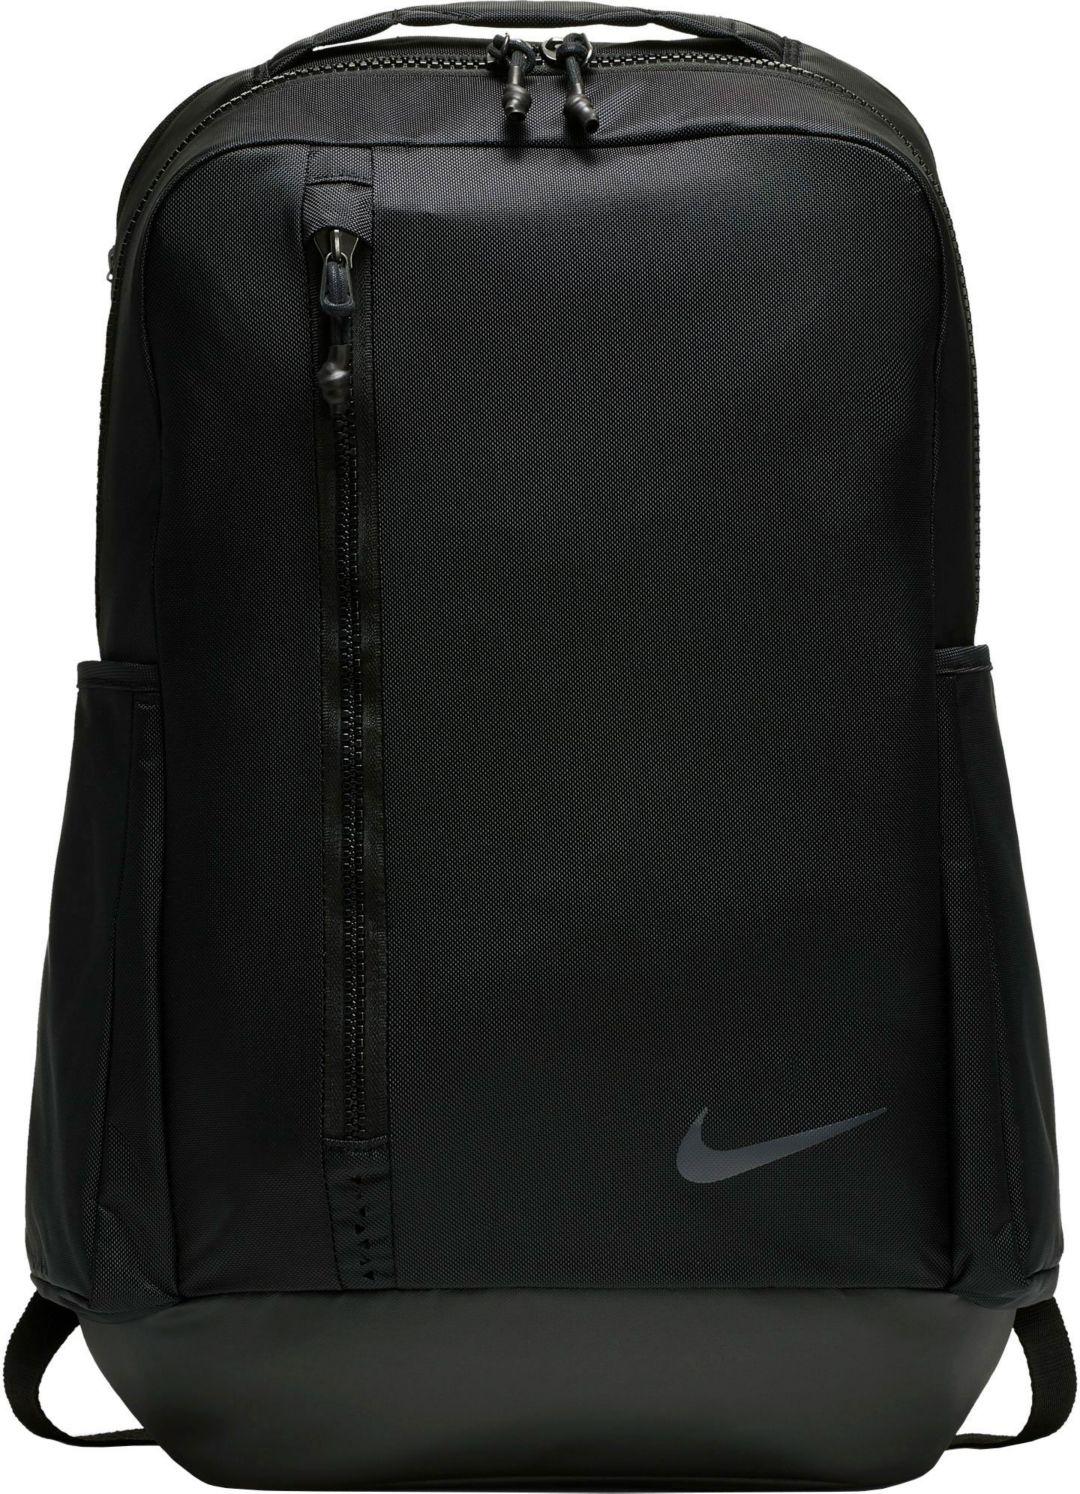 9f03130488 Nike Vapor Power 2.0 Training Backpack | DICK'S Sporting Goods